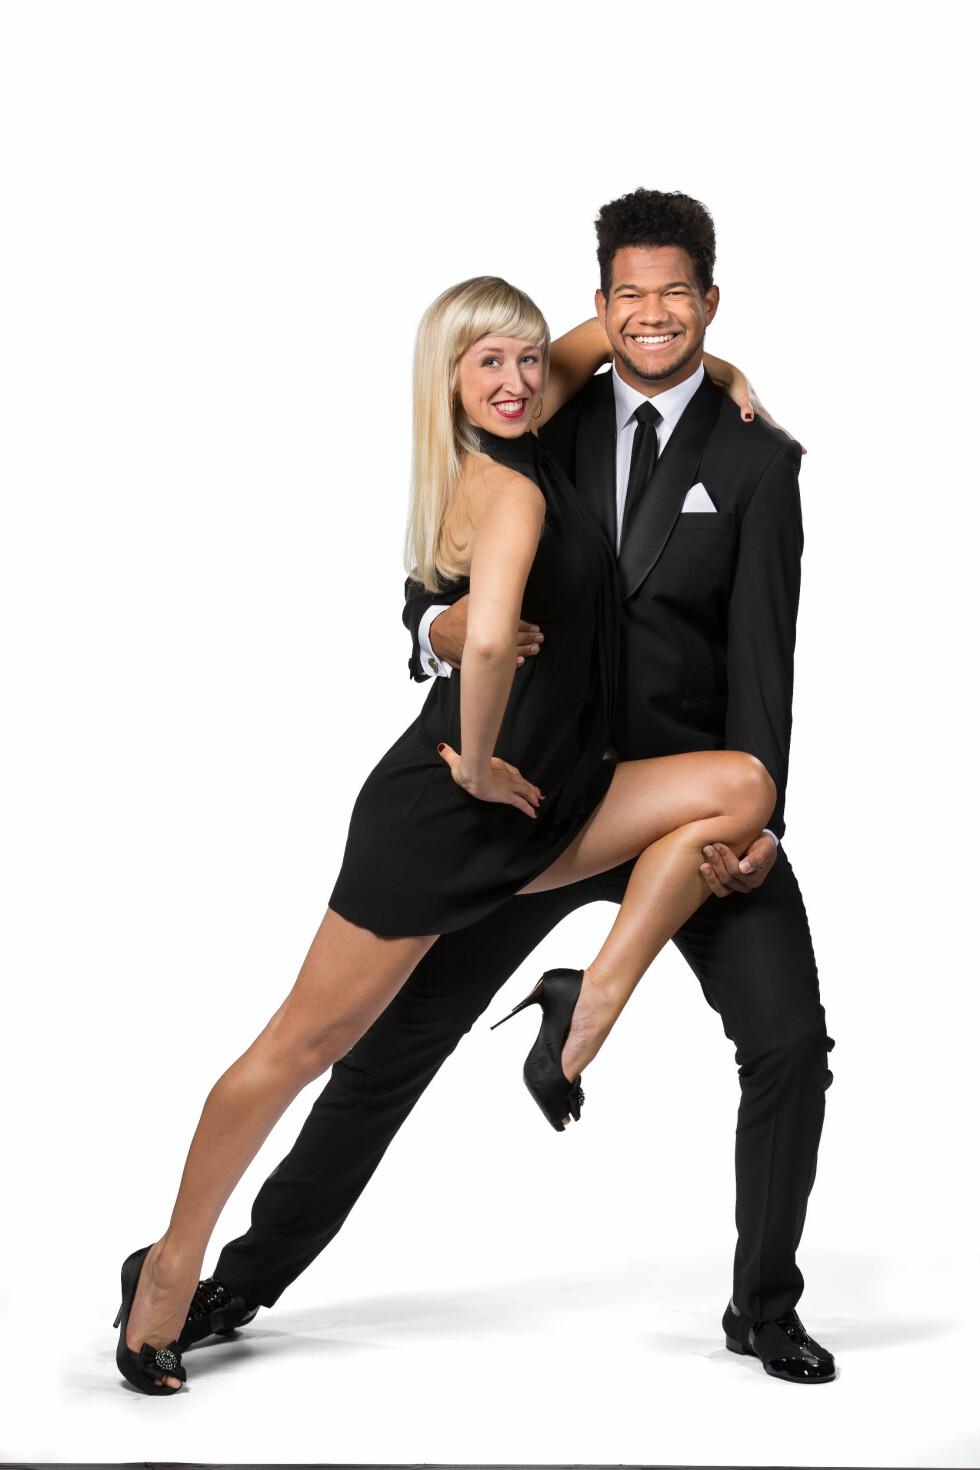 PARTNERE: Programleder Markus Bailey skal danse med Mai Benedikte Mentzoni. Foto: Espen Solli / TV2